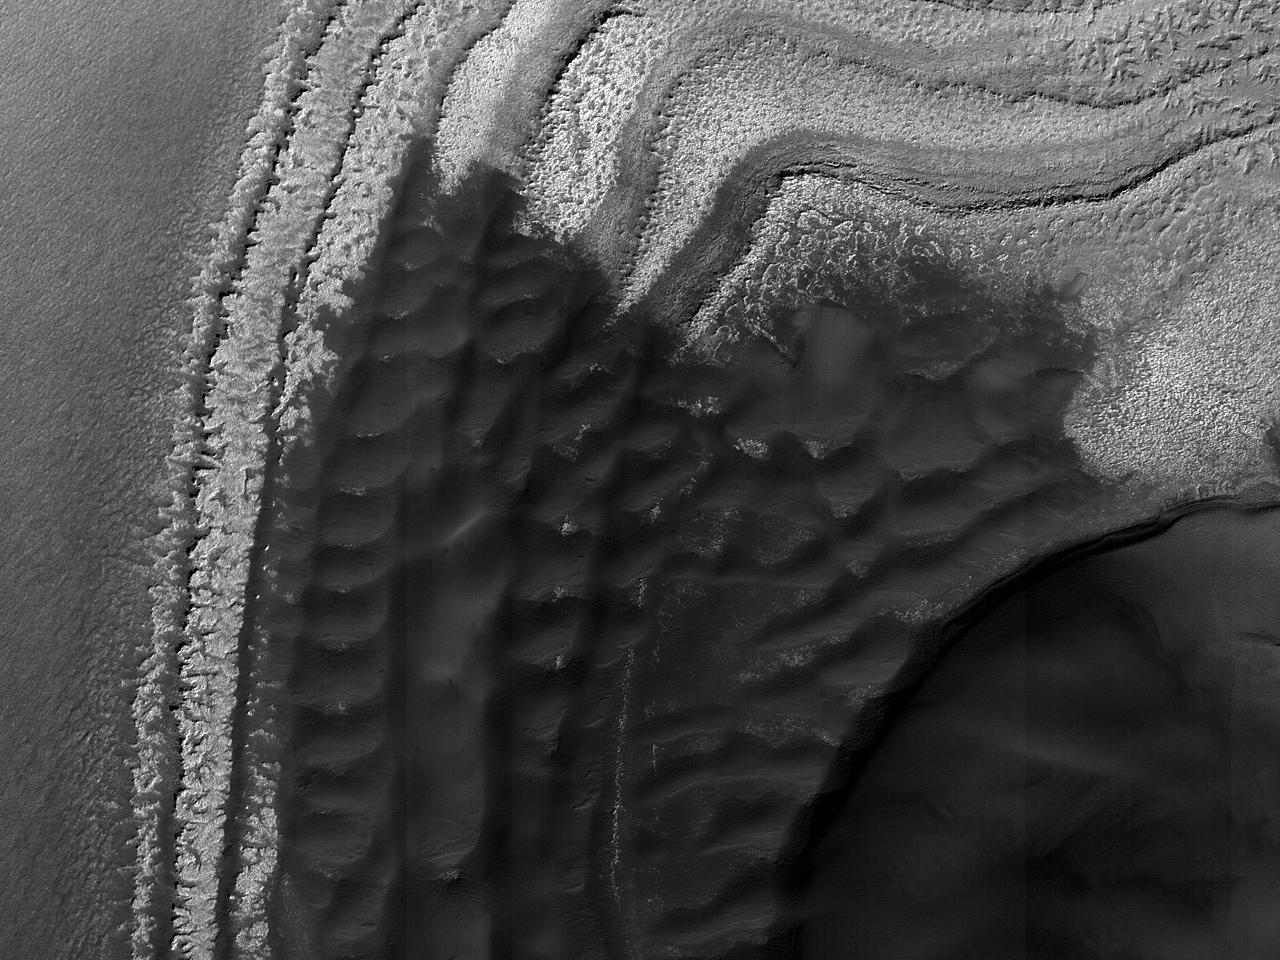 Sedimentvifter nær bakketopper